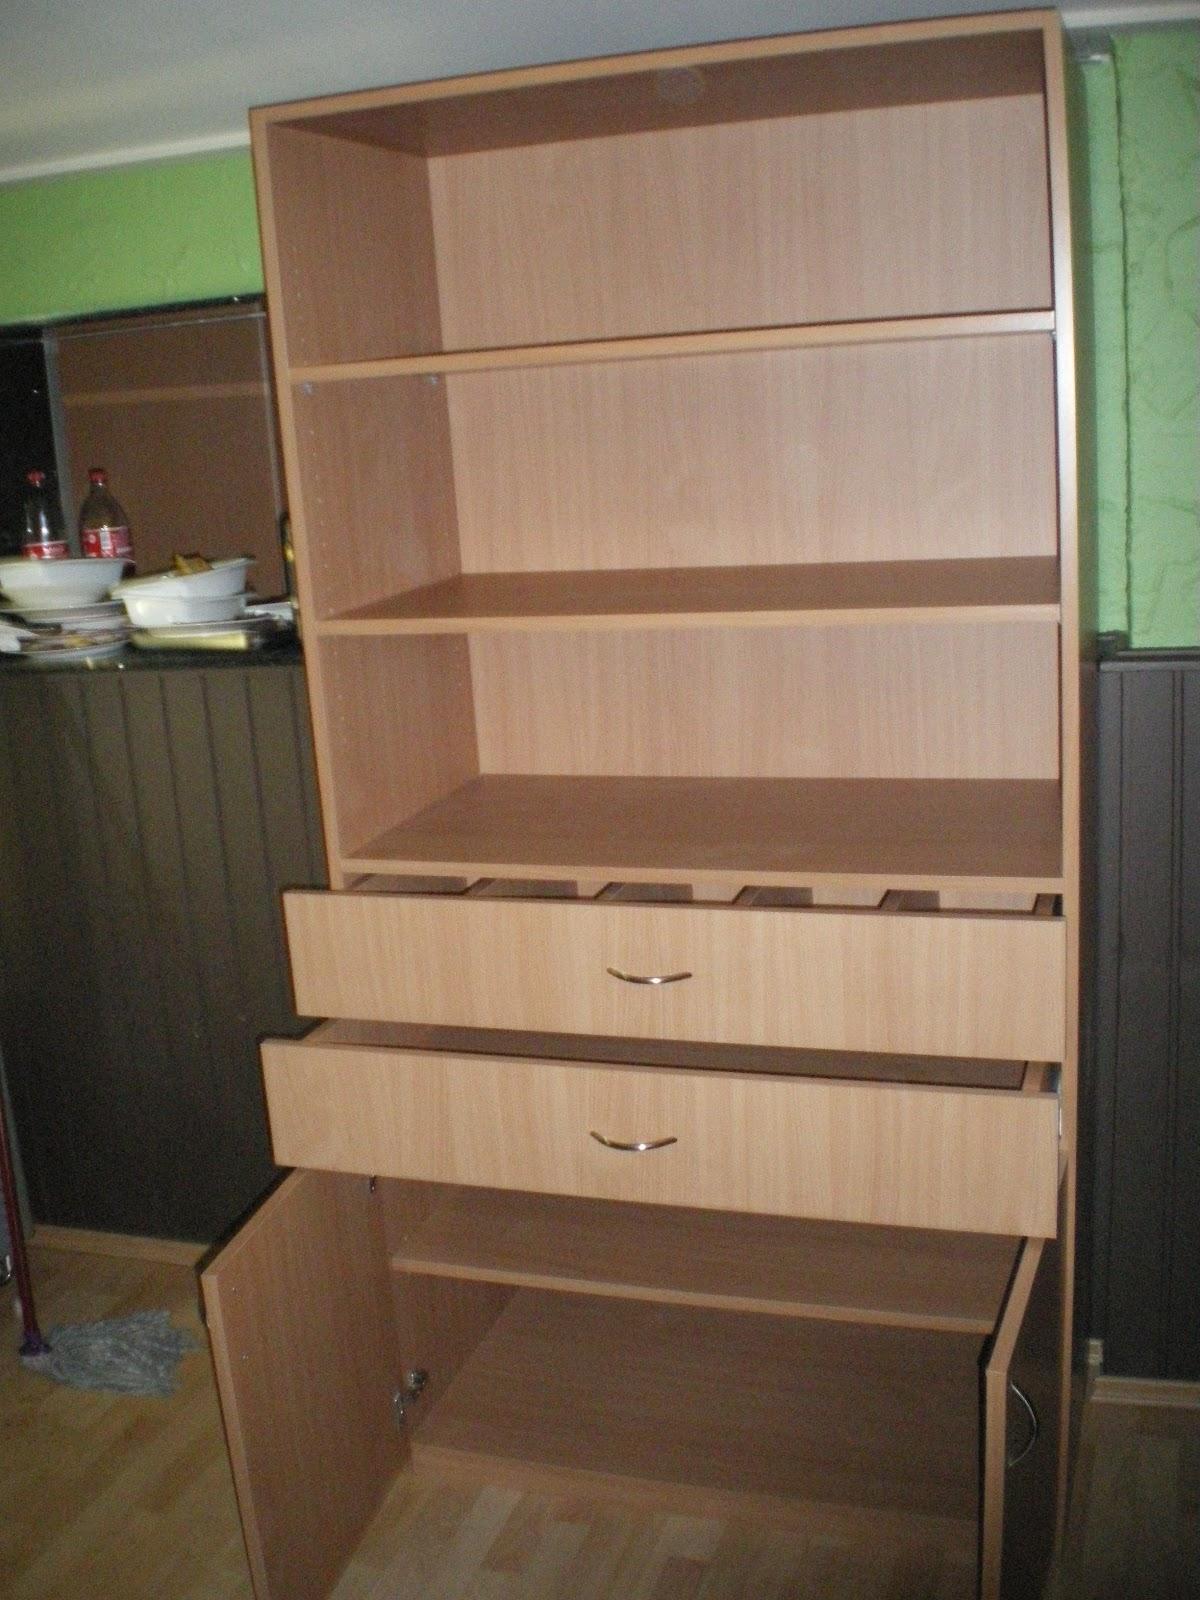 rocha menuisier conception de meuble armoire en h tre. Black Bedroom Furniture Sets. Home Design Ideas